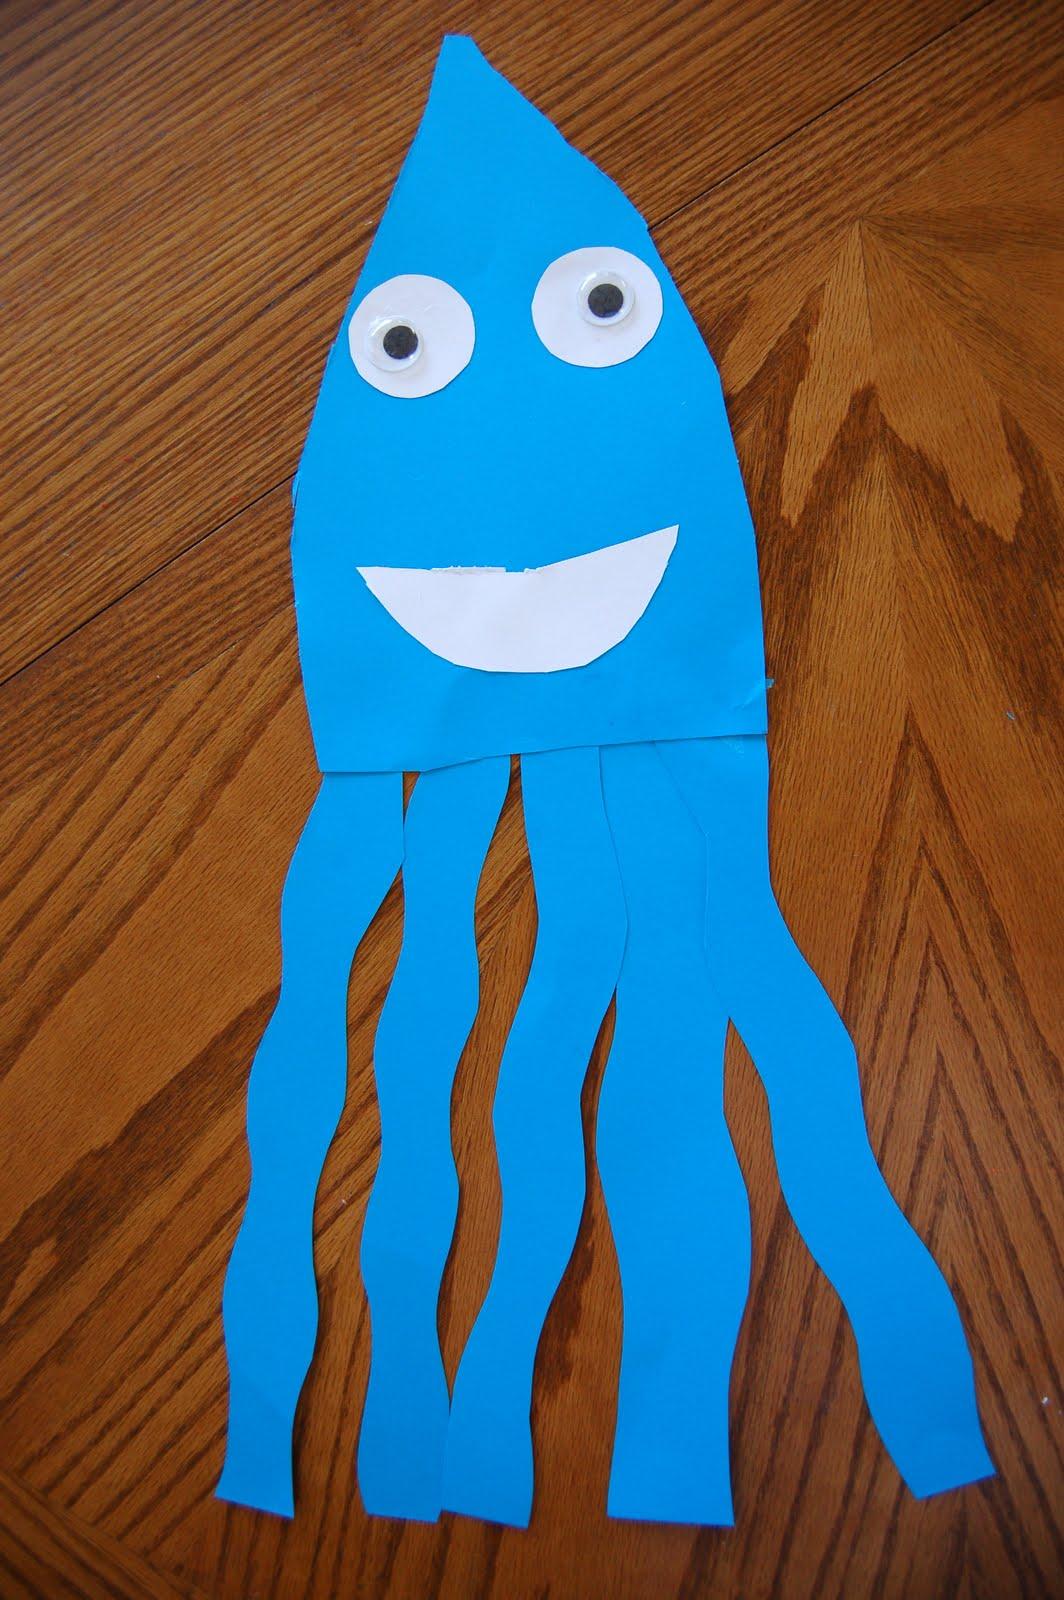 Octopus Worksheet For Preschoolers